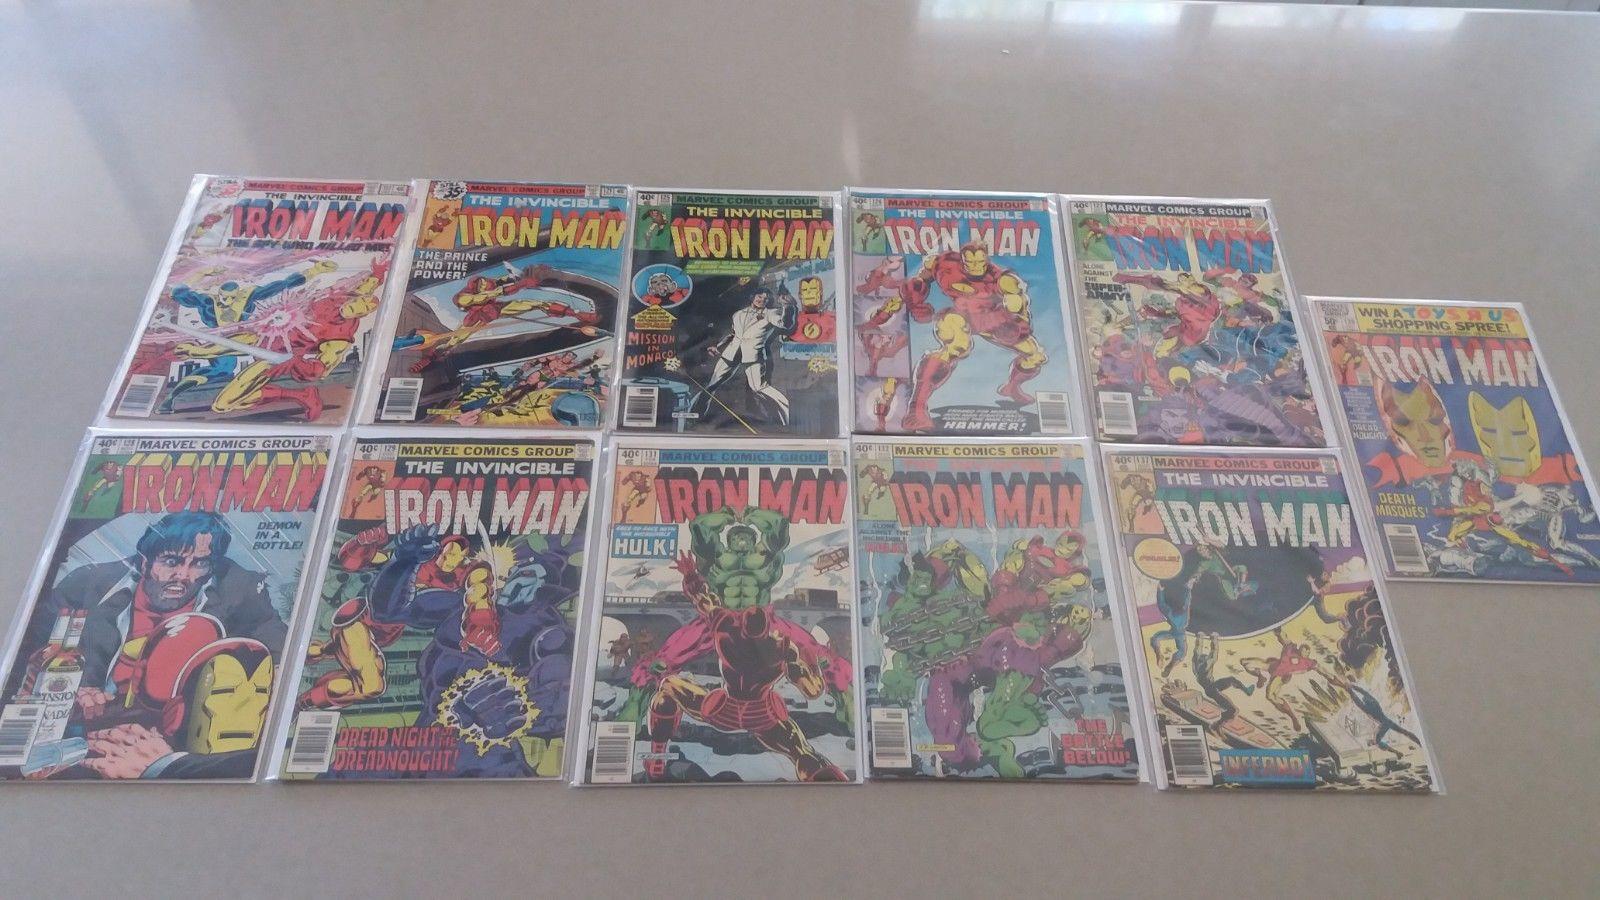 IRON-MAN lot of 11 Comics #117,121,125,126,127,128,129,131,132,137,139